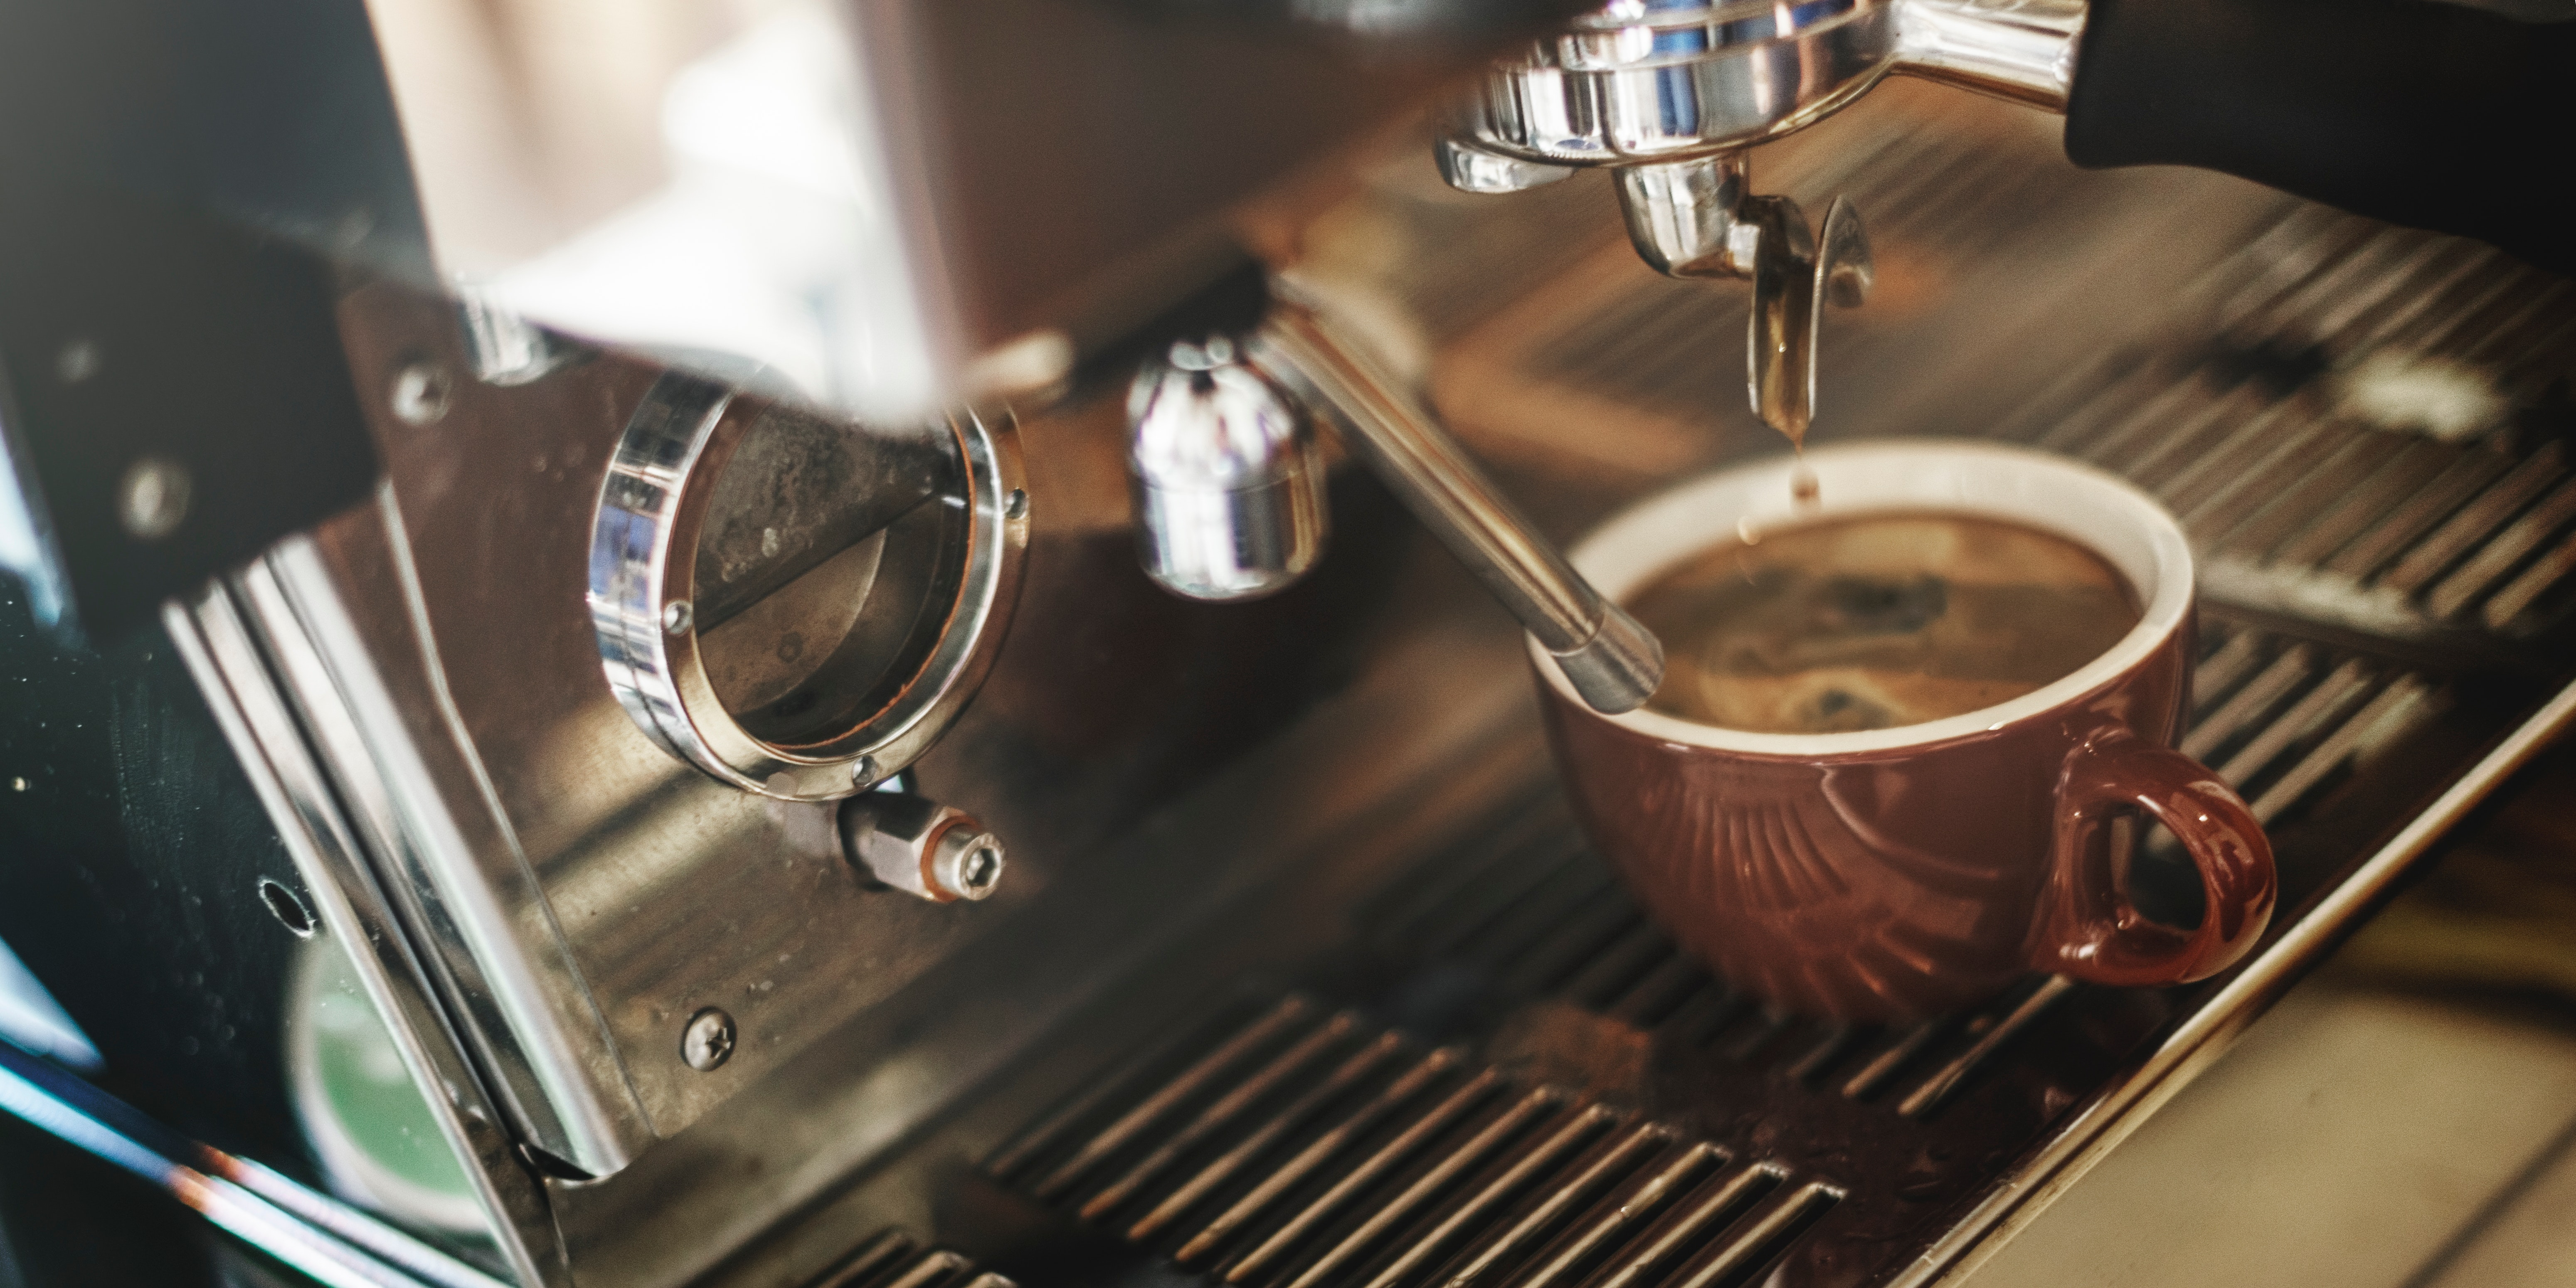 Kaffe og kaffemaskin